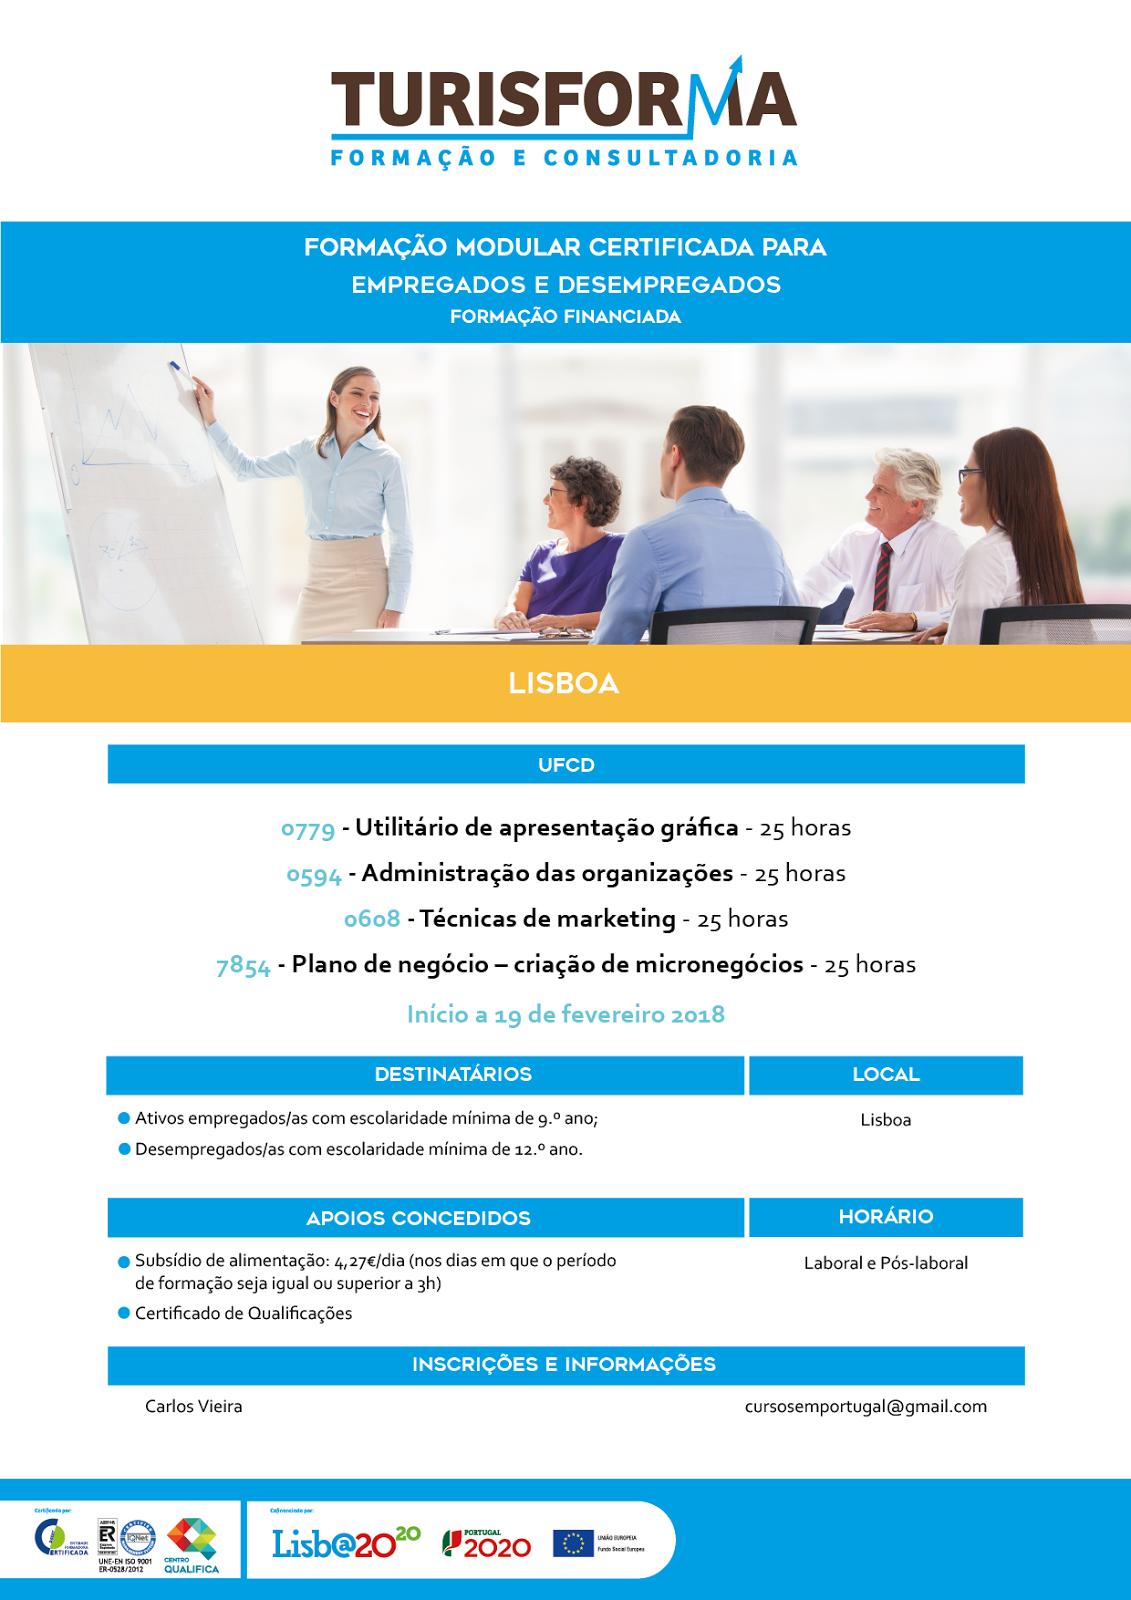 [LISBOA] Inscrições abertas para formações financiadas para empregados e desempregados